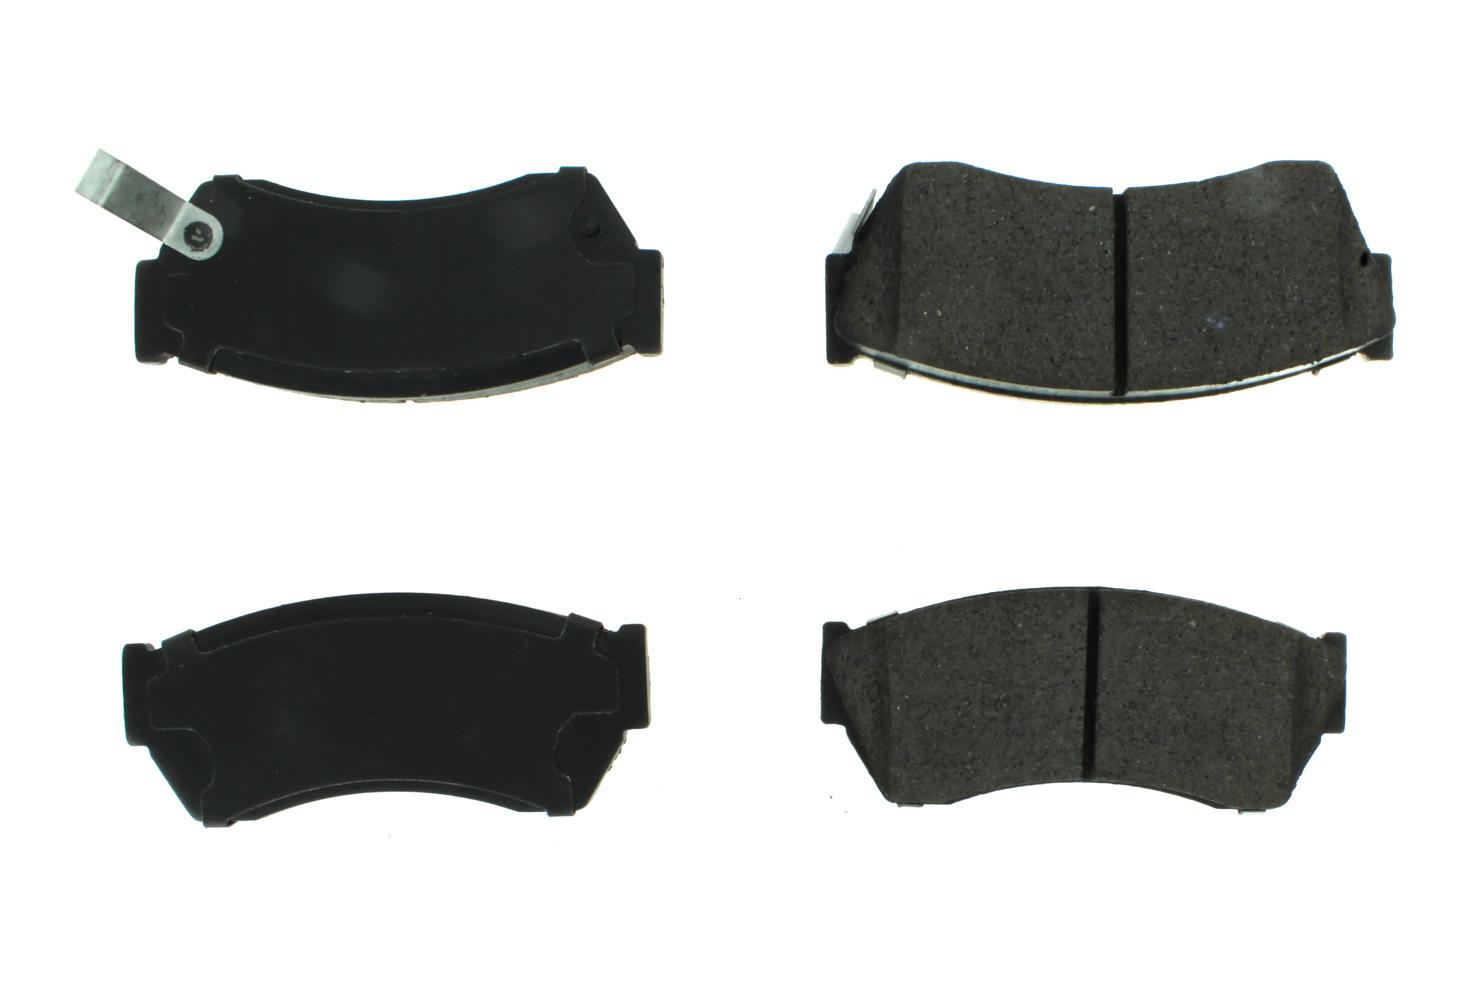 Centric Brake Parts 104.04510 Semi-Metallic Brake Pads w/Hardware